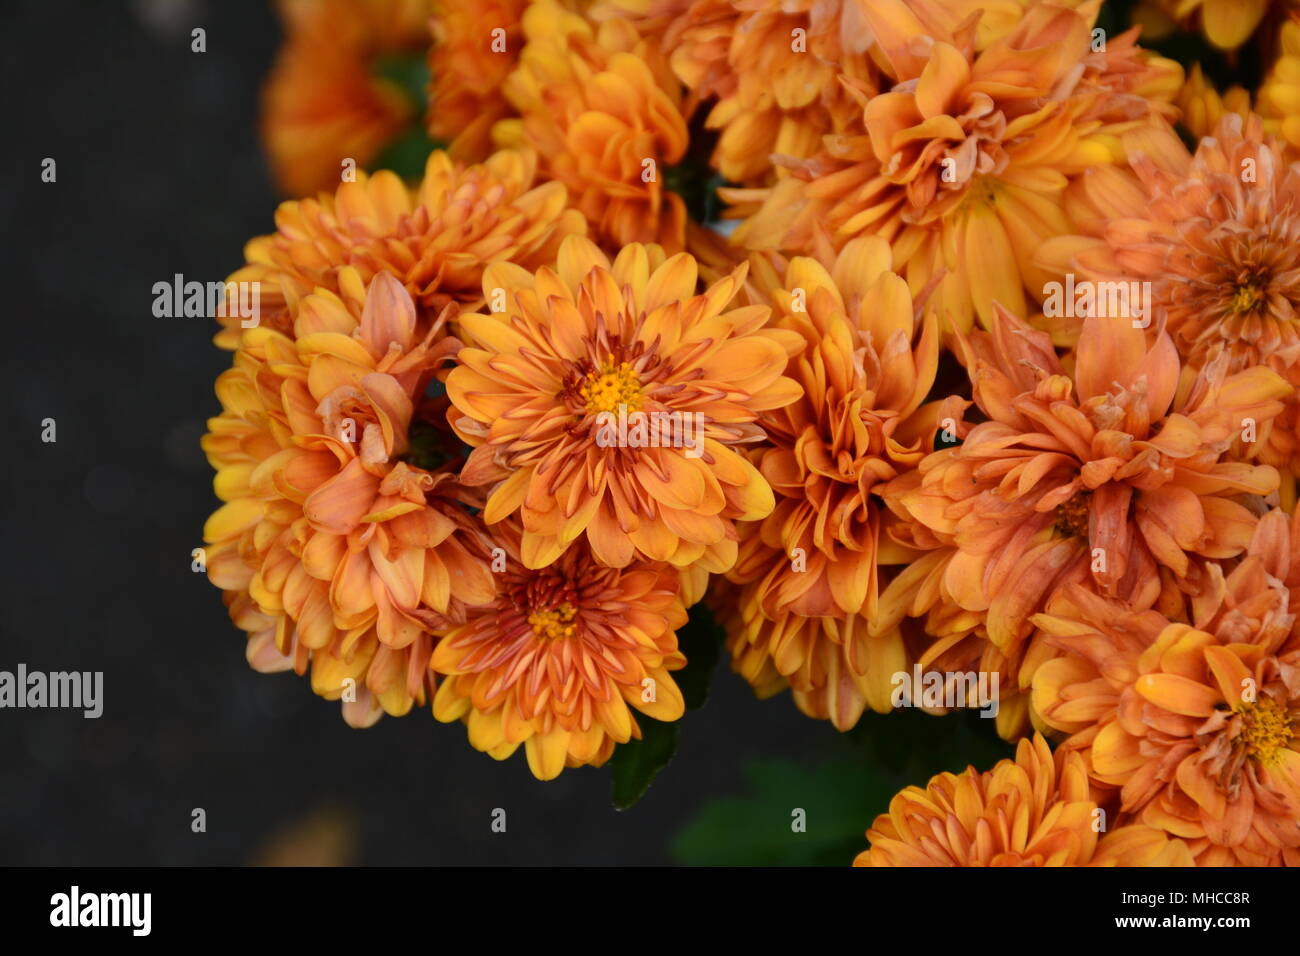 Orange, Delicate, Pretty Marigold Flowers Stock Photo